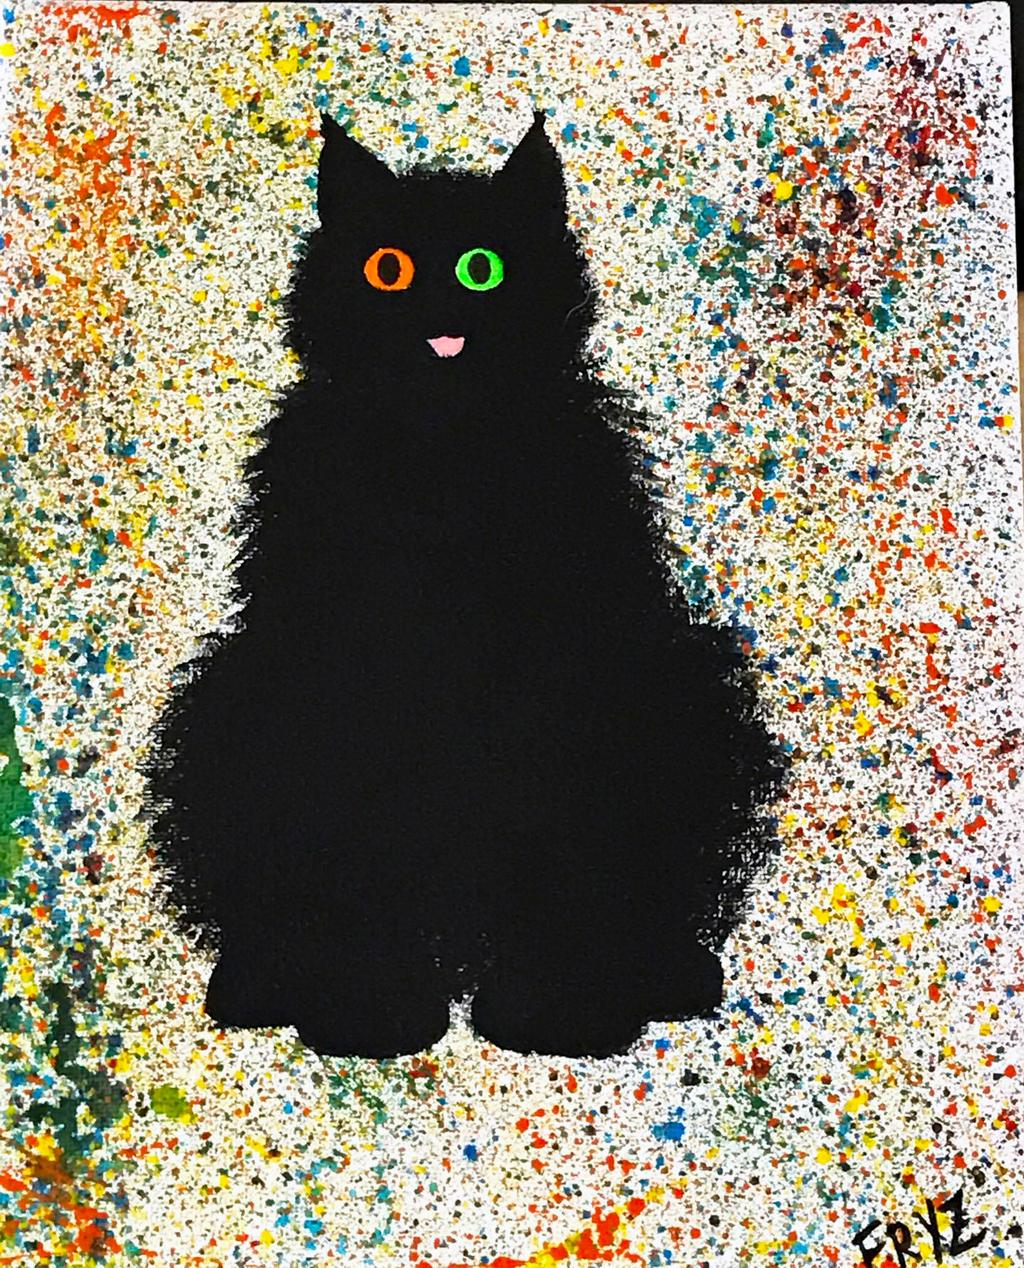 silly kitten by x121887x